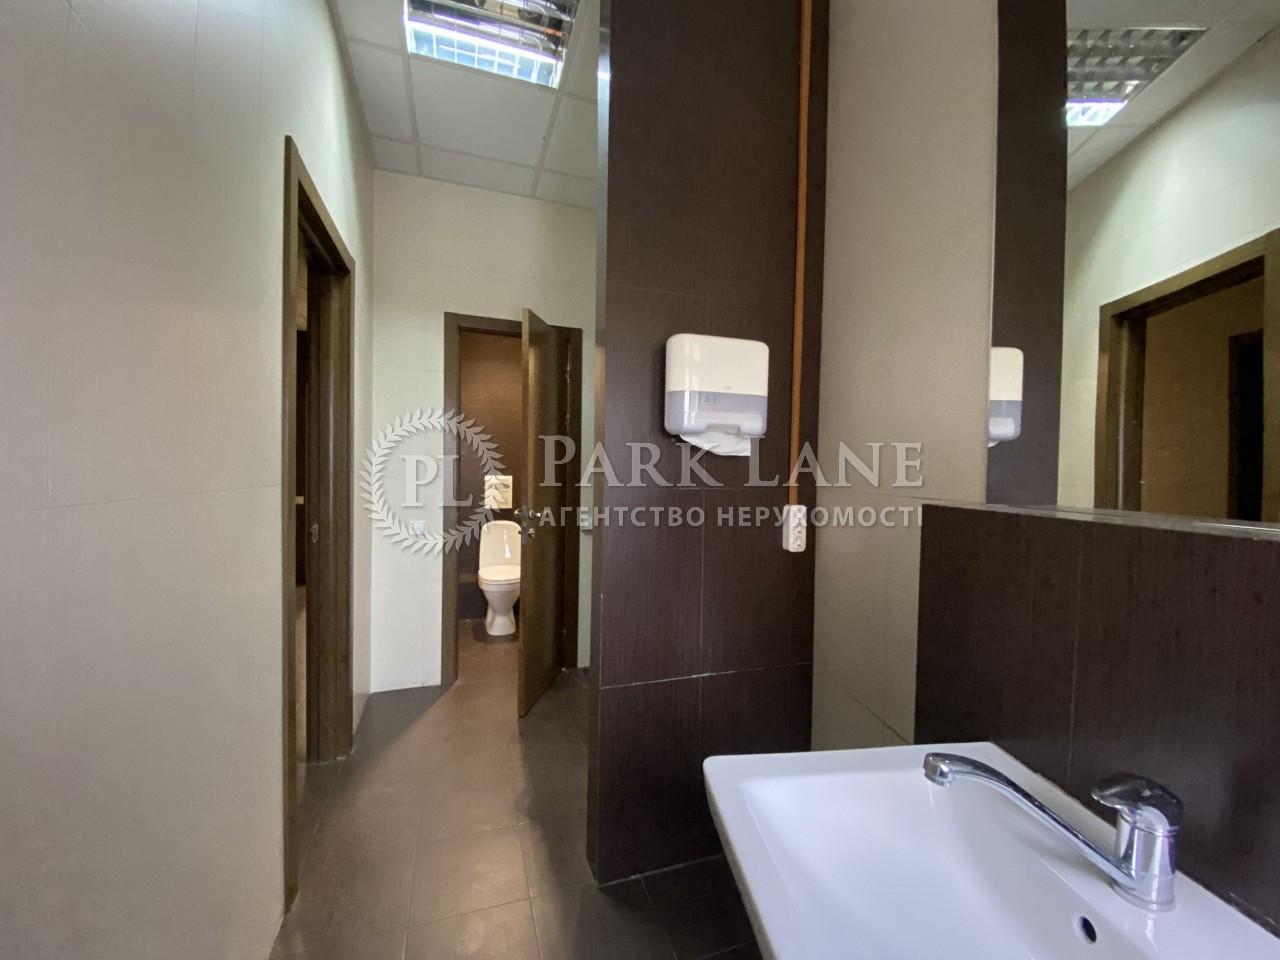 Нежилое помещение, ул. Владимирская, Киев, B-102331 - Фото 16